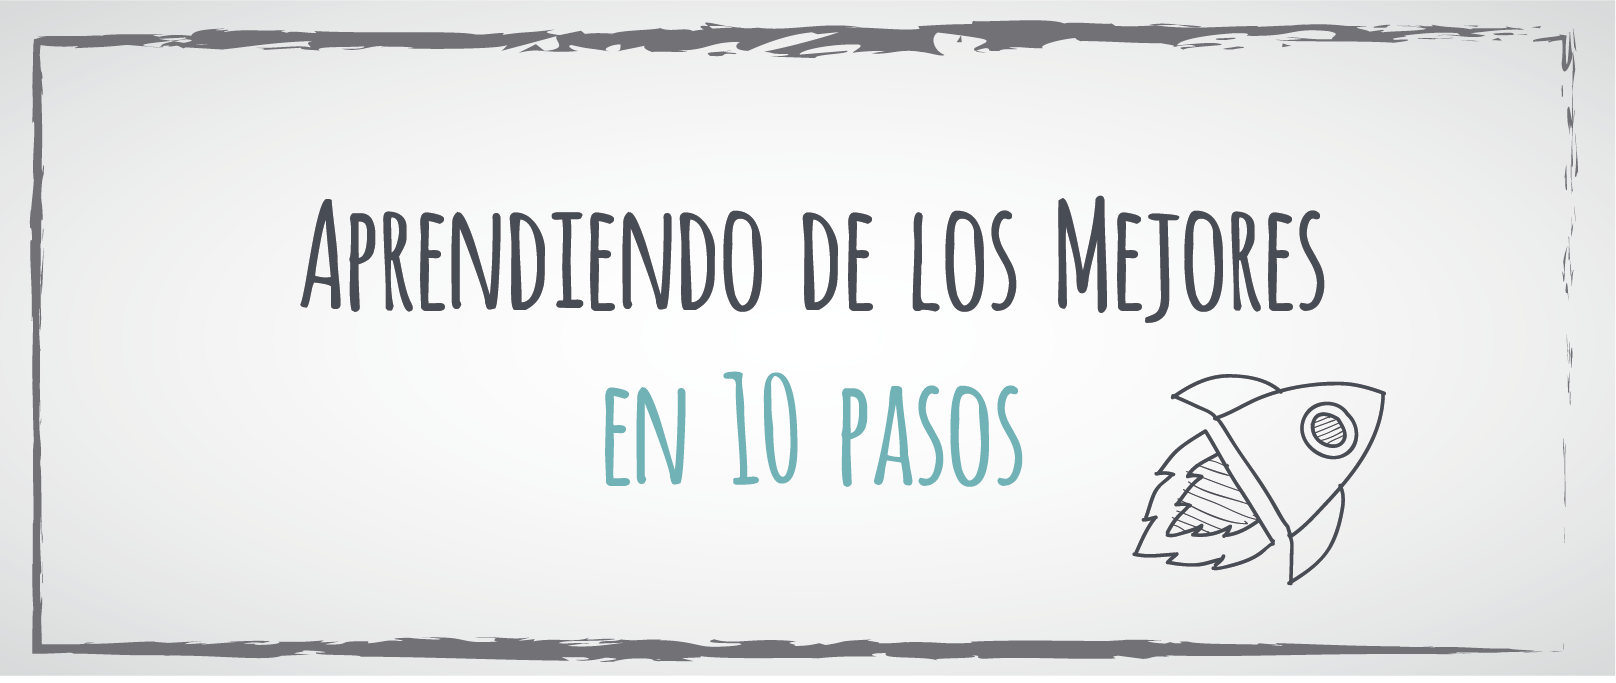 """""""Aprendiendo de los mejores en 10 pasos"""" por Francisco Alcaide"""